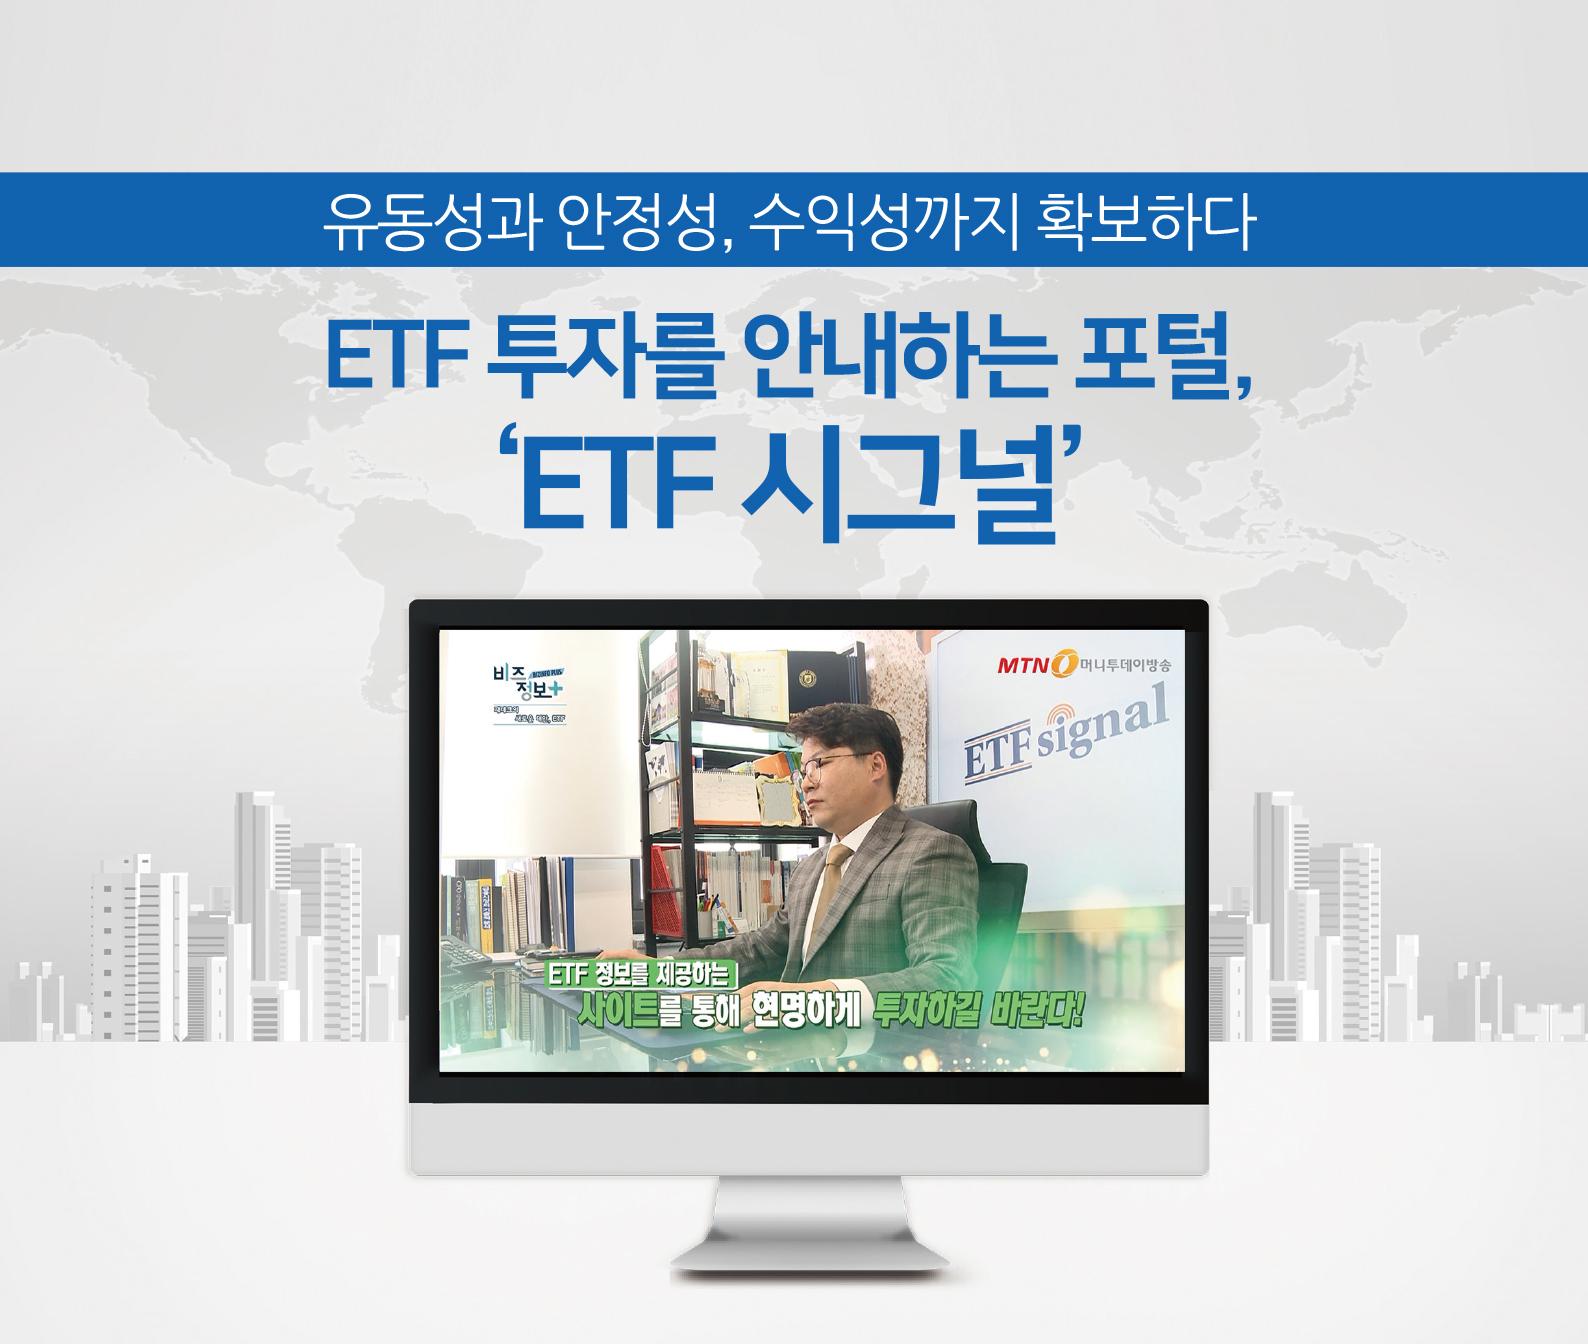 ETF 투자를 안내하는 포털, 'ETF 시그널'